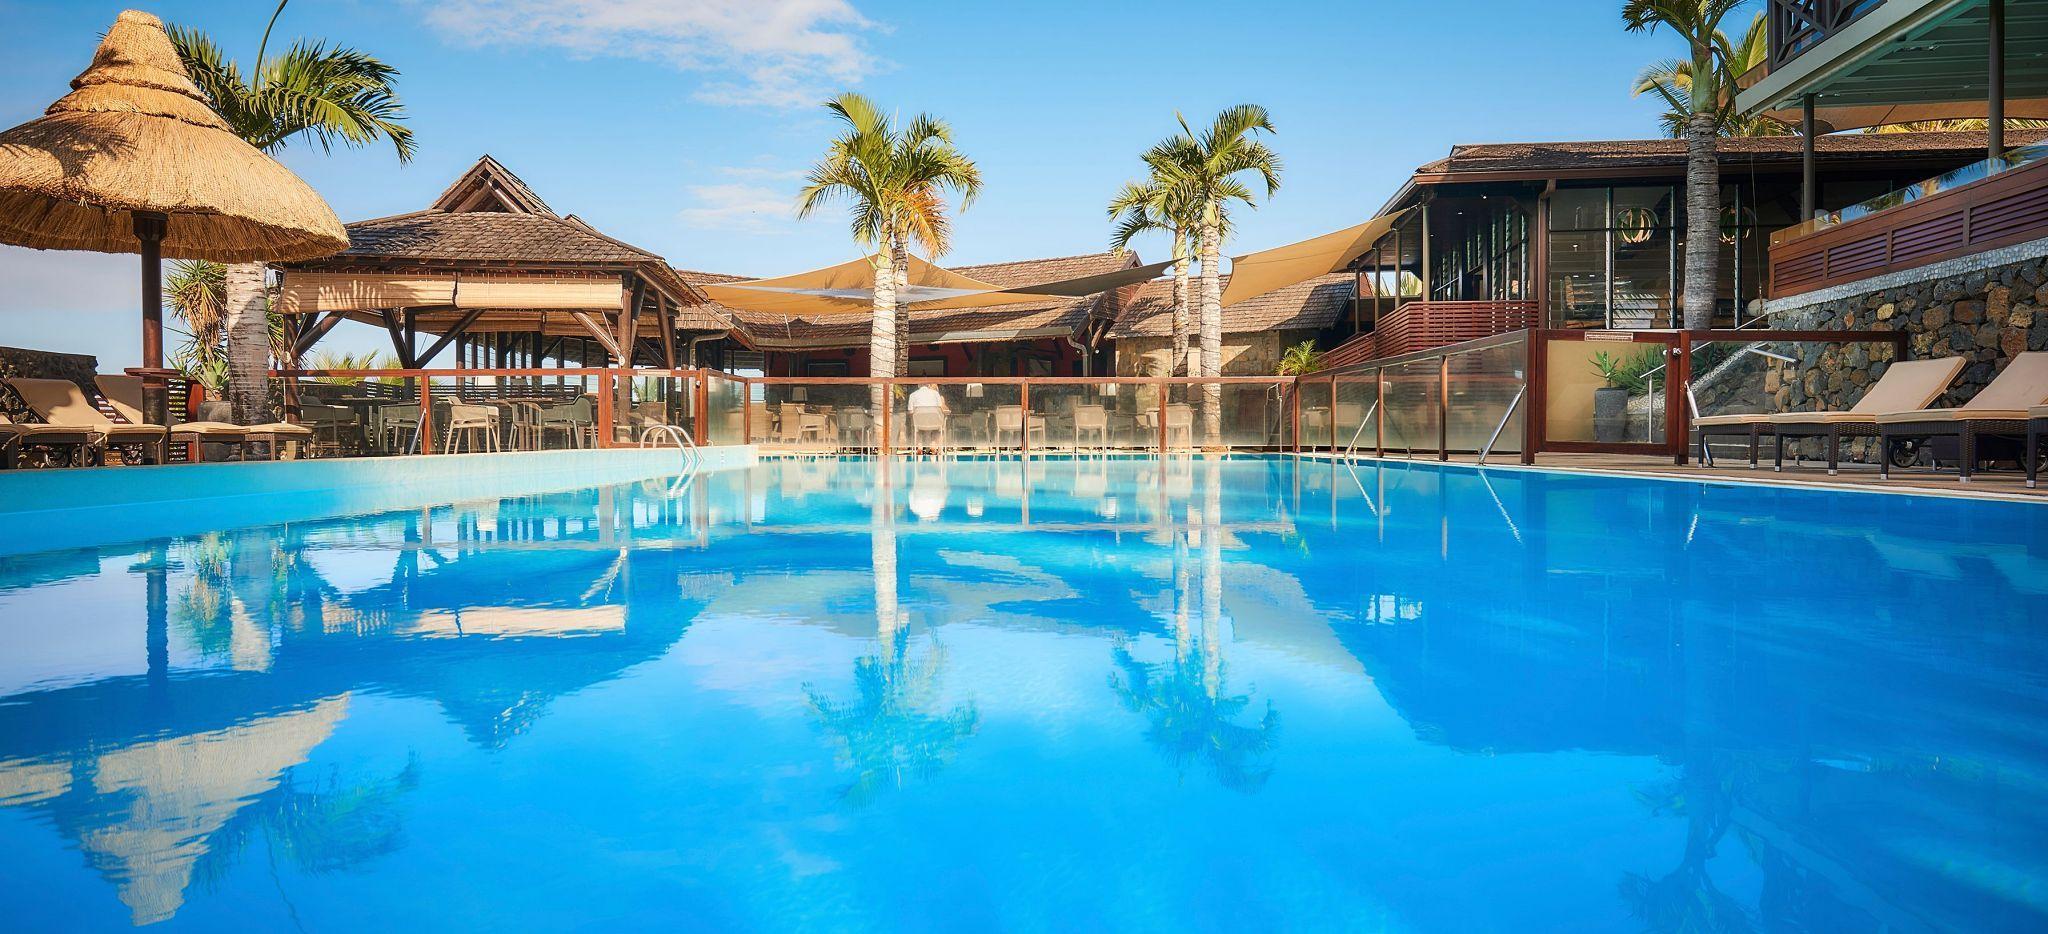 Der Hauptpool- Bereich des Hotels Iloha